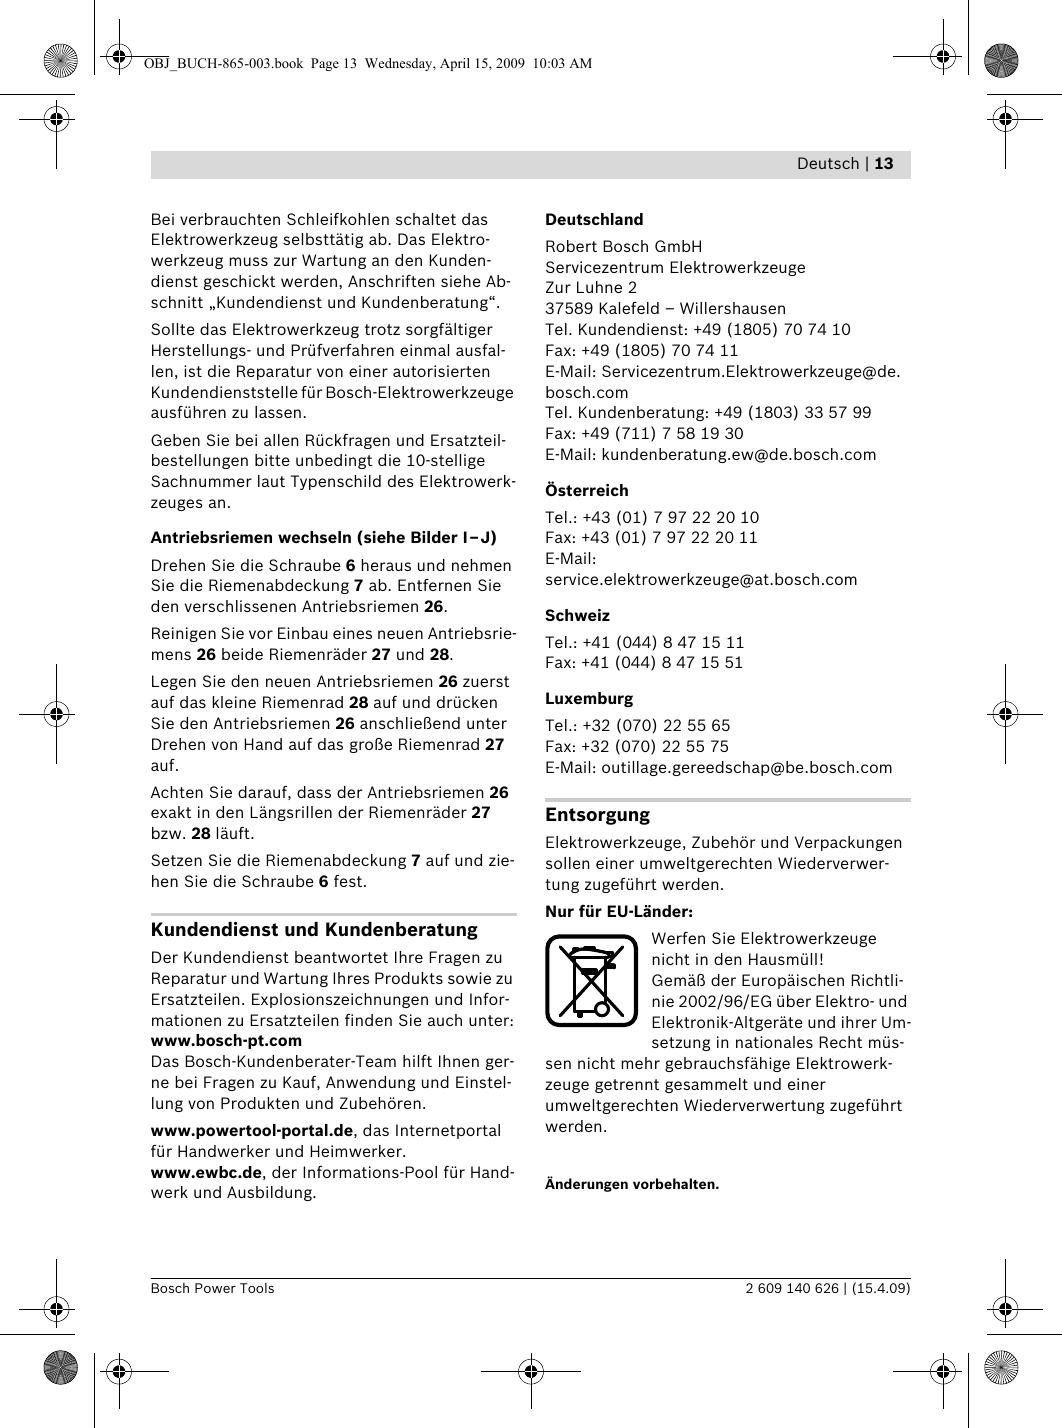 Casino Hacking Führung 100 getestet pdf